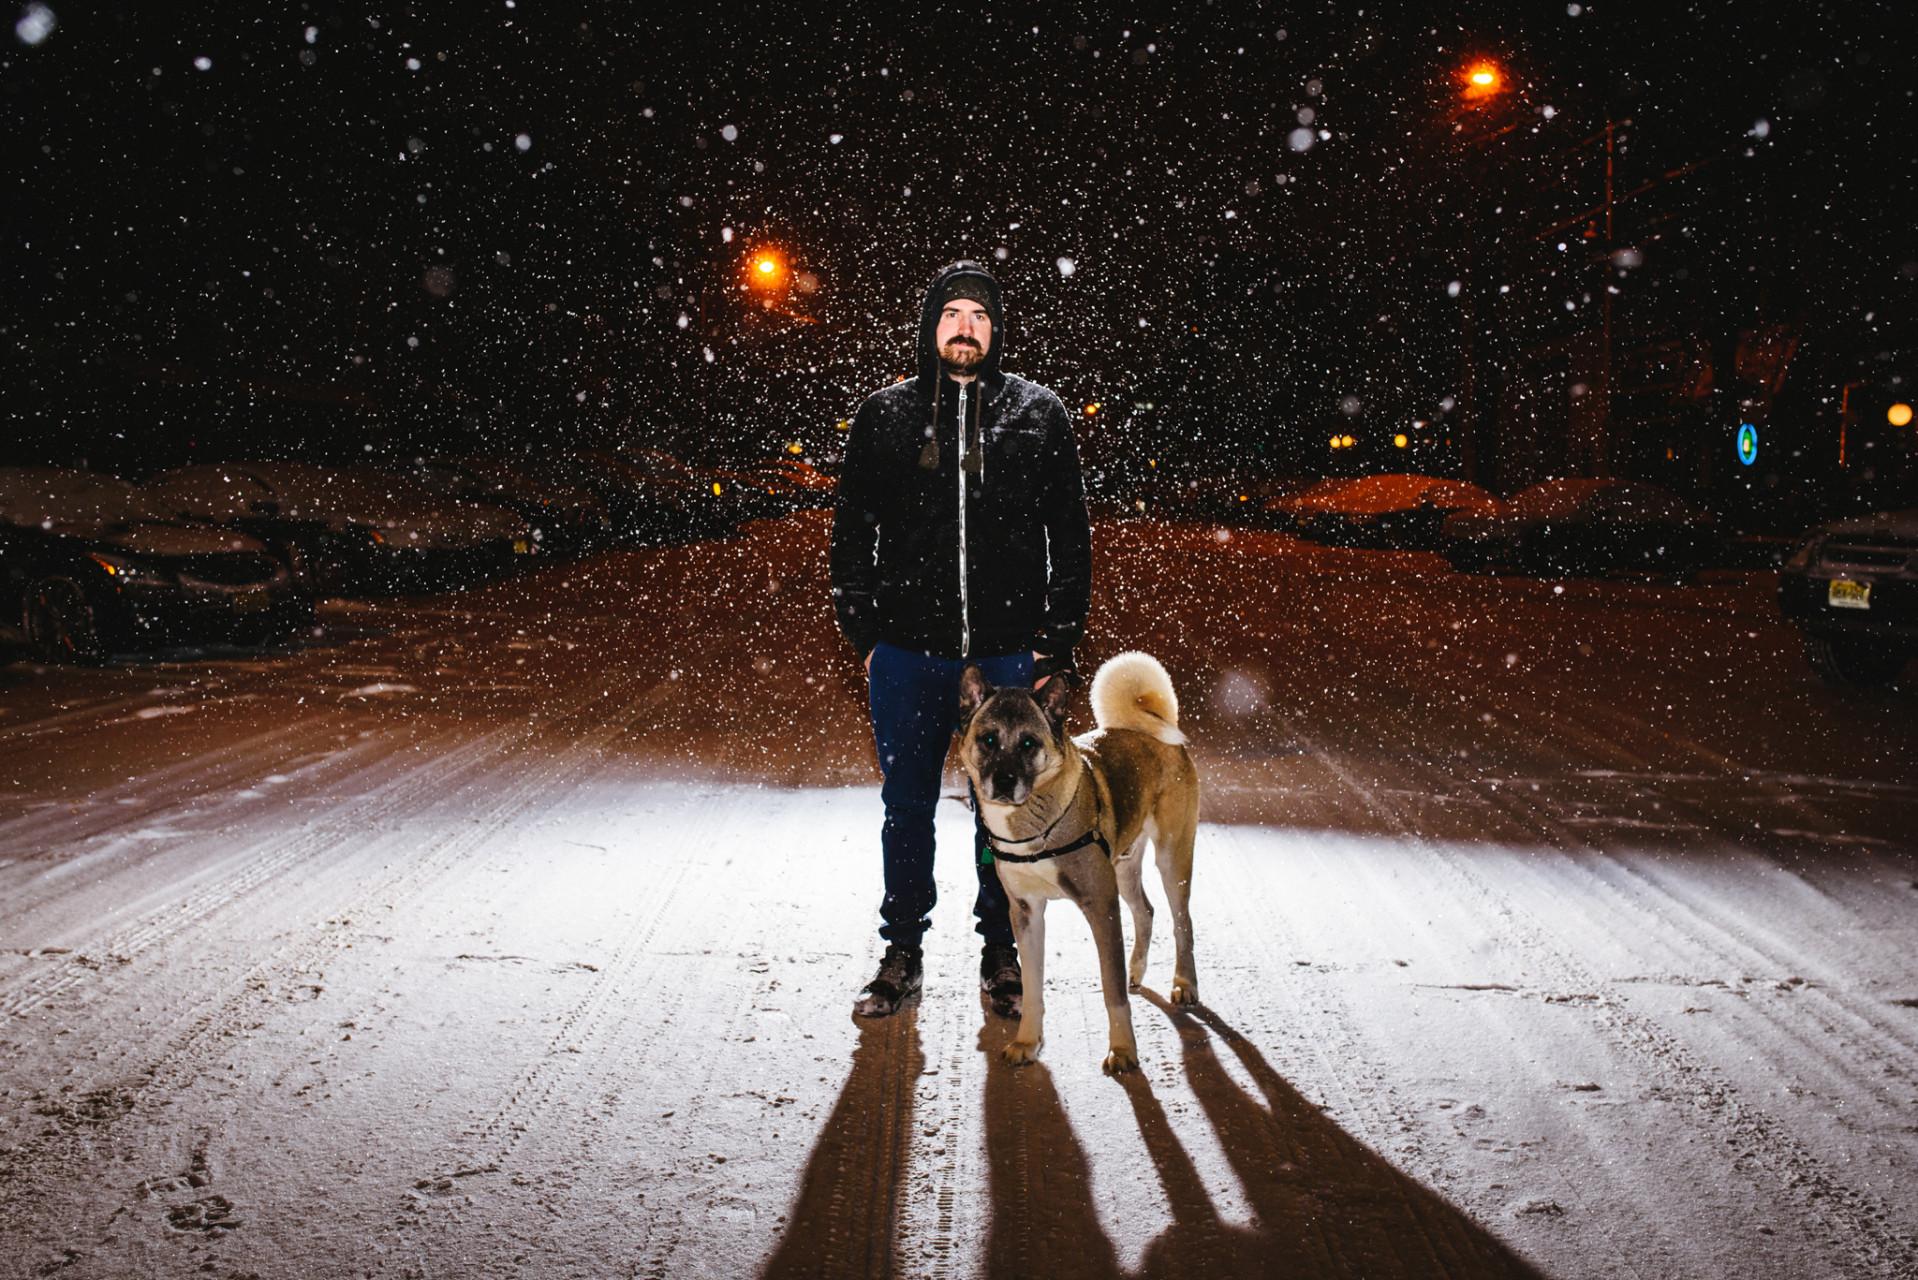 Snowstorm_GARFINKEL-1